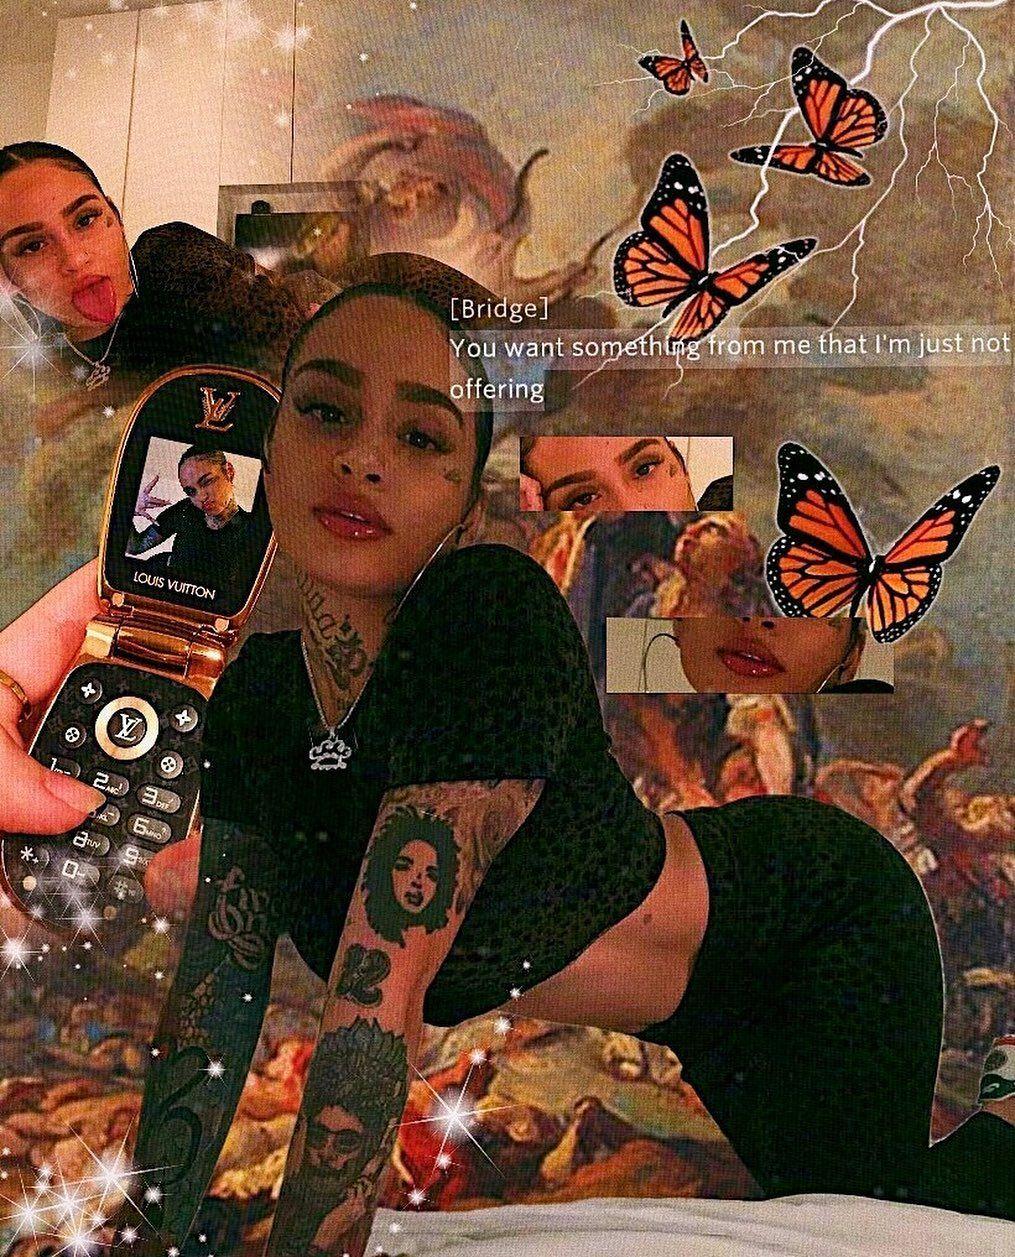 Kehlani Kehlani Kehlaniedits Aesthetic Art Music Artist Hiphop Rap Randb Complexmusic Tupac Wallpaper Edgy Wallpaper Artist Aesthetic